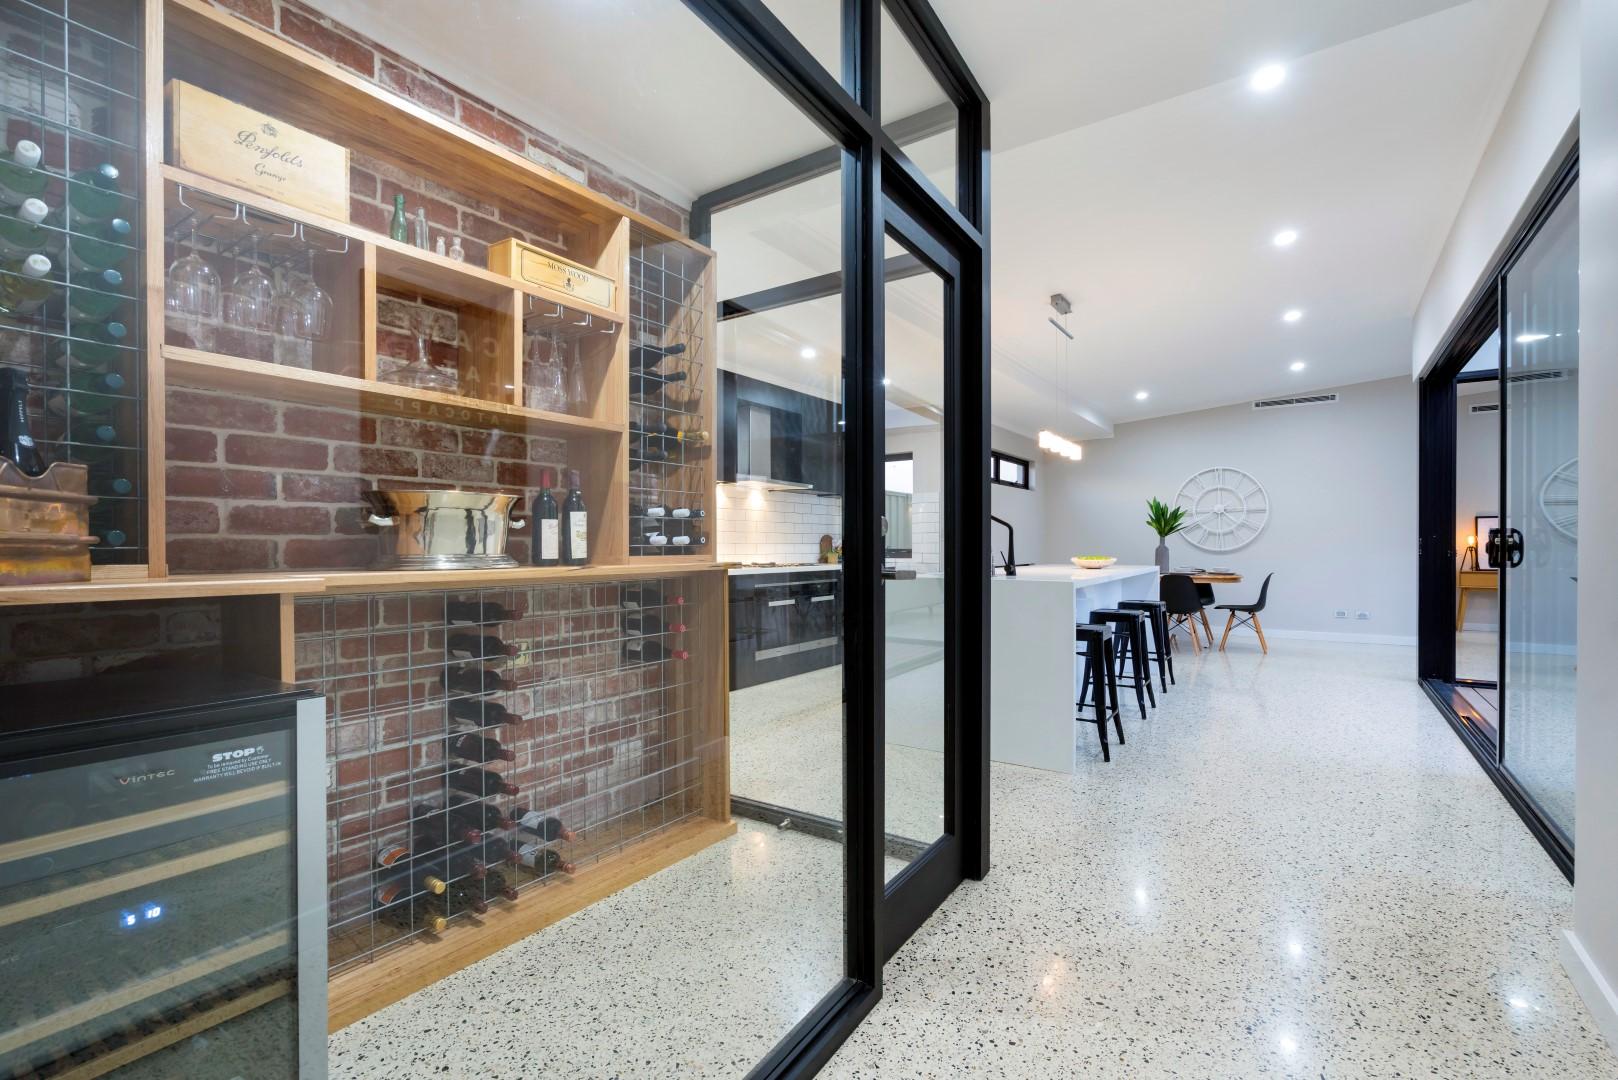 10A Thelma Como - Fruition Design and Build 5